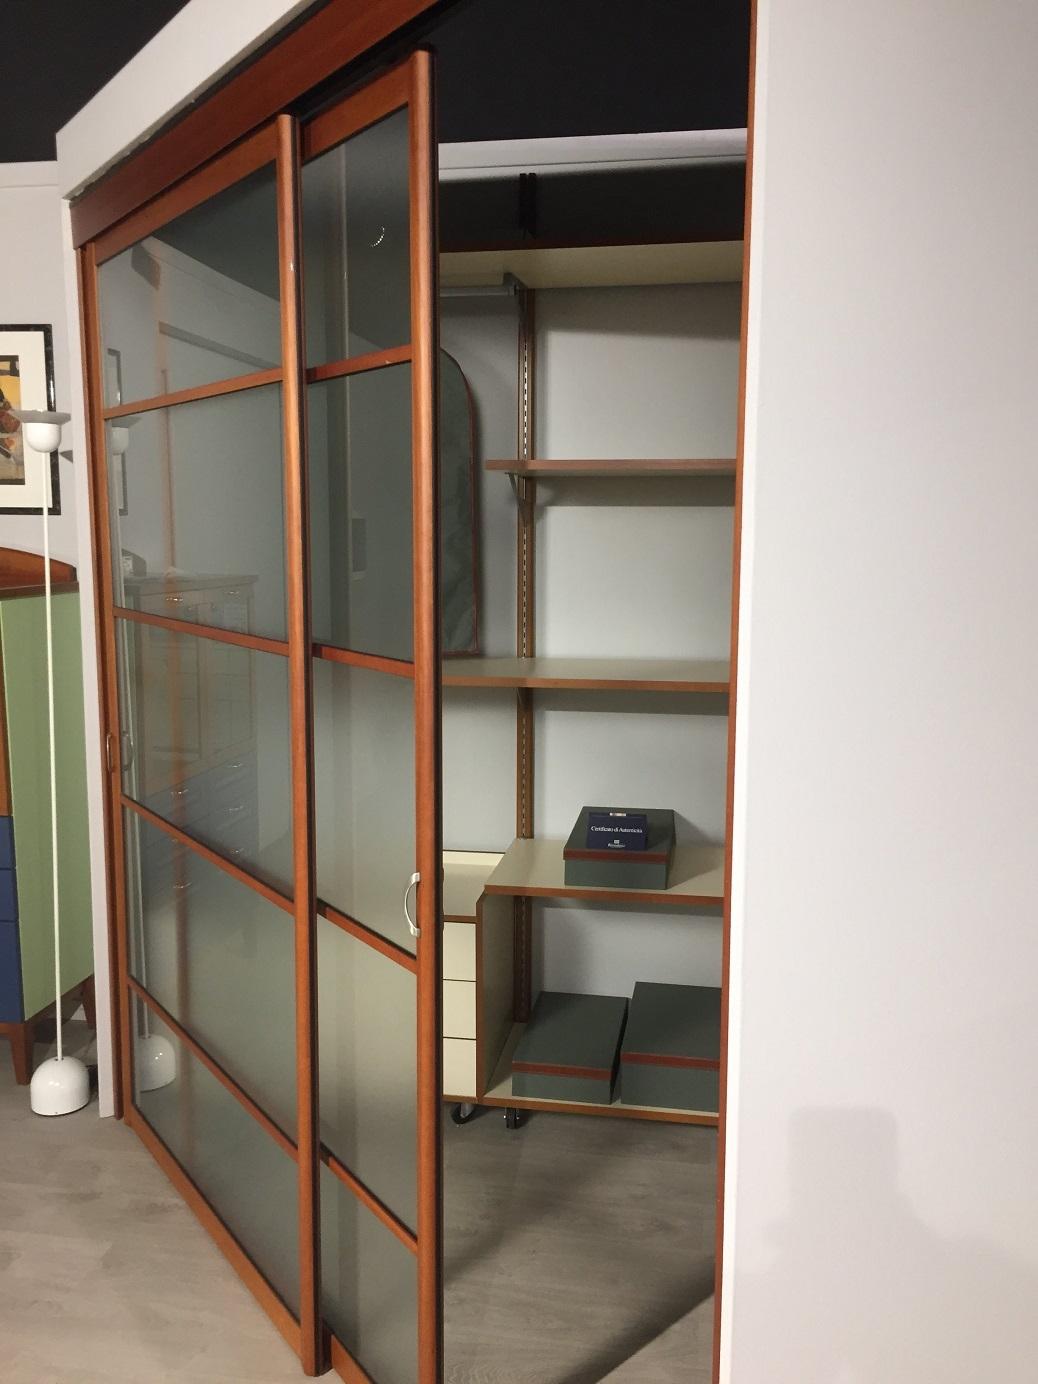 Emejing porte per cabina armadio gallery acrylicgiftware - Porte scorrevoli per cabine armadio prezzi ...